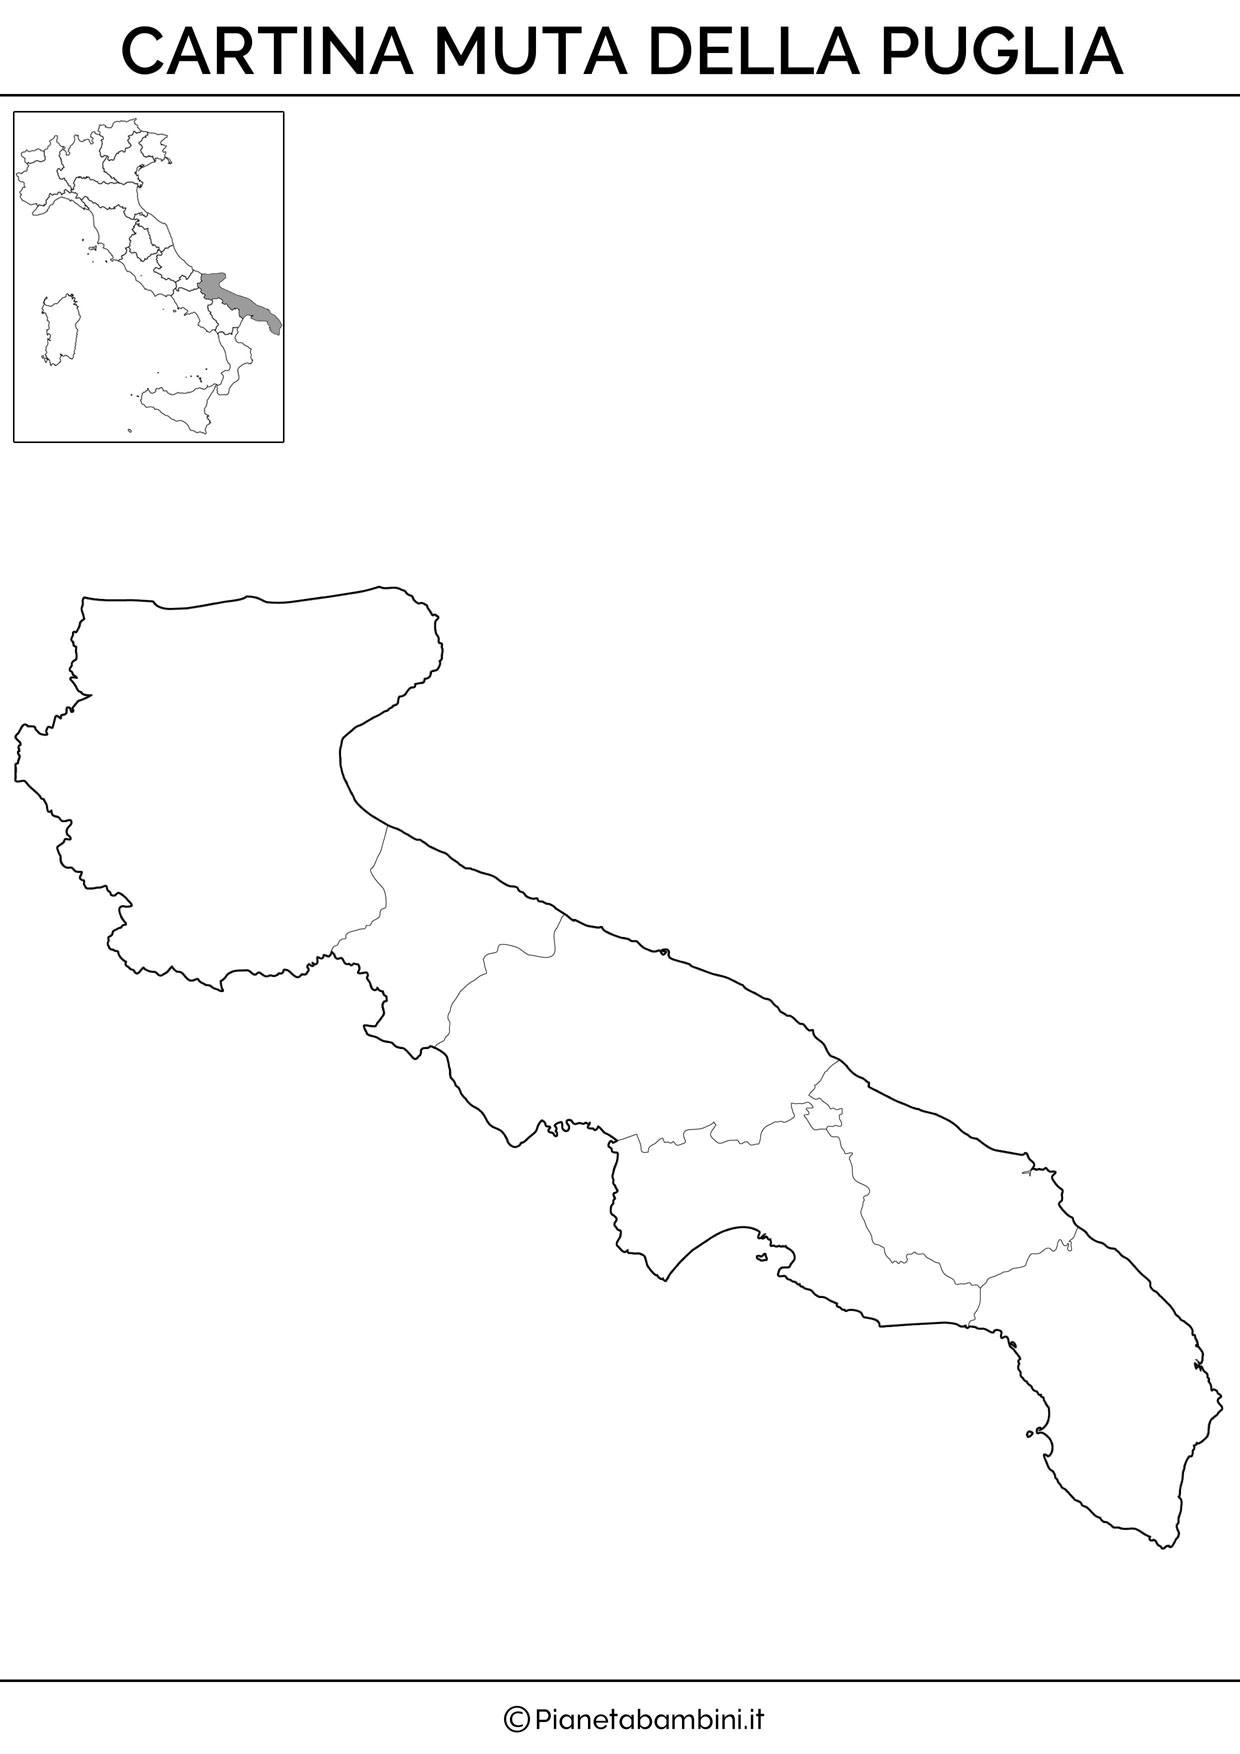 Cartina della Puglia in versione muta da stampare gratis